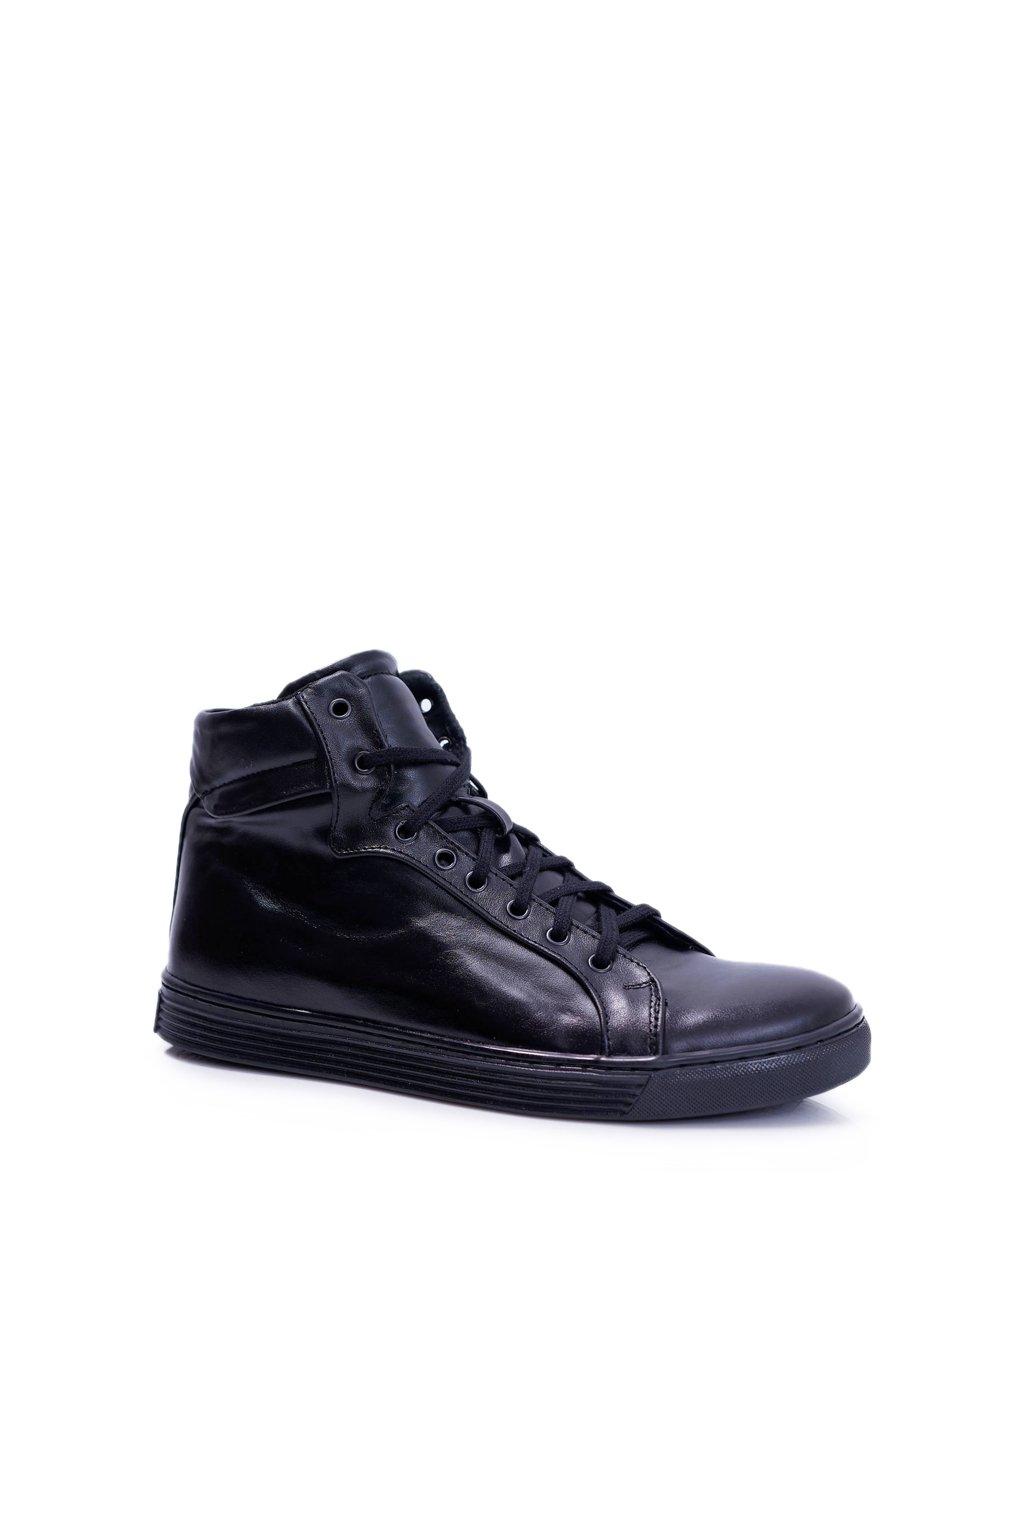 pánske kožené topánky Bednarek čierne Edys